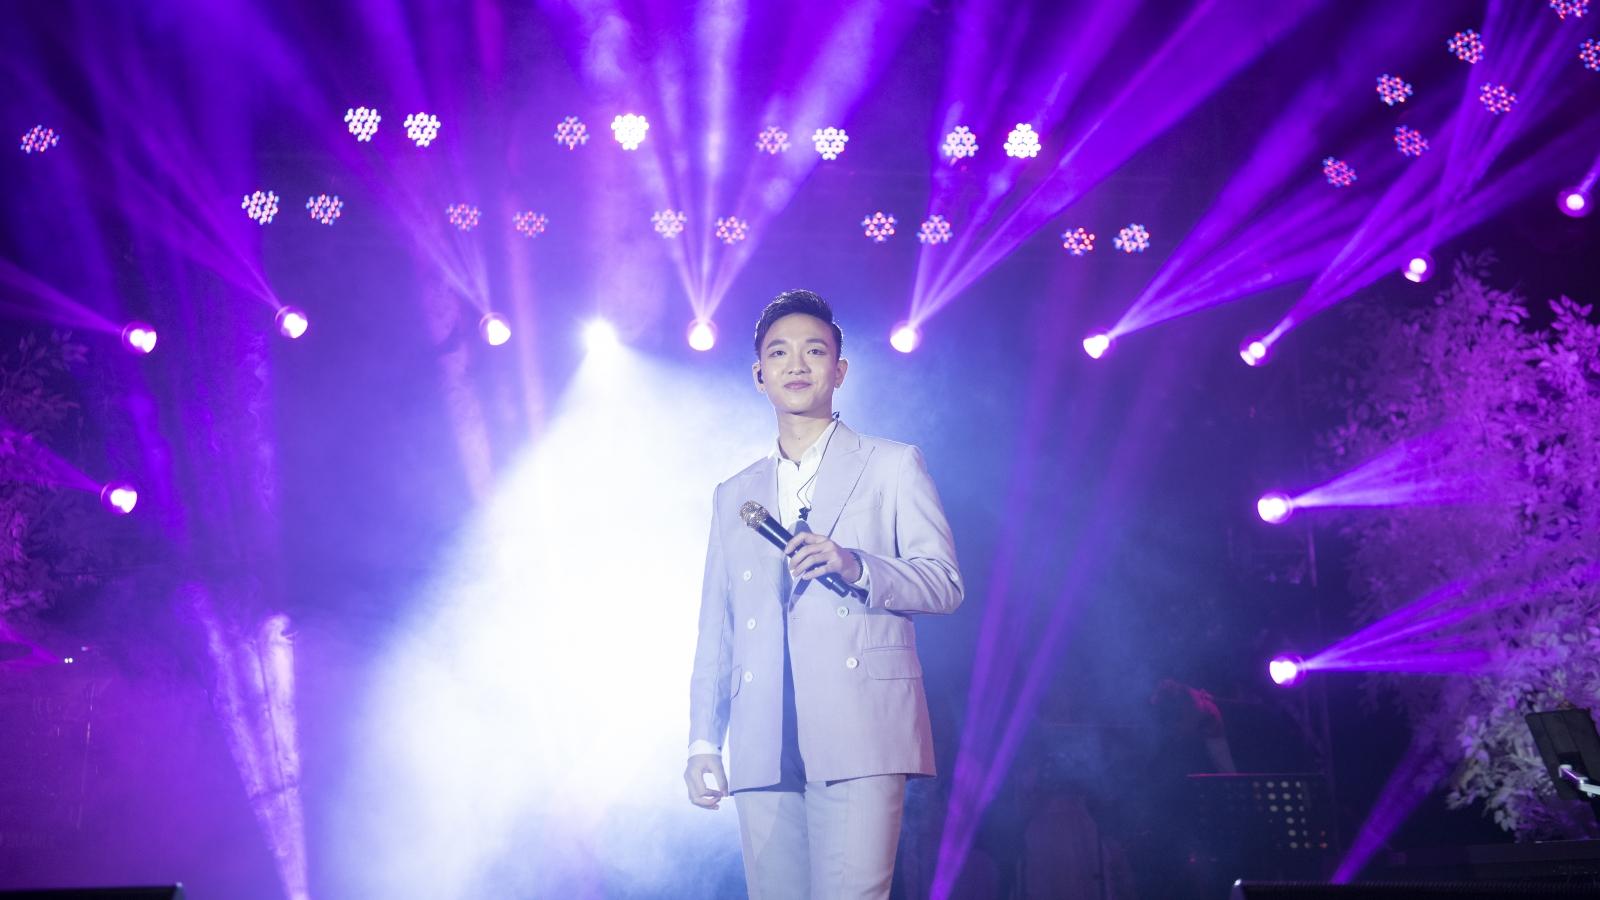 """Liveshow """"25"""" của Hoàng Dũng tại Hà Nội: Chạm vào giấc mơ đầy cảm xúc"""